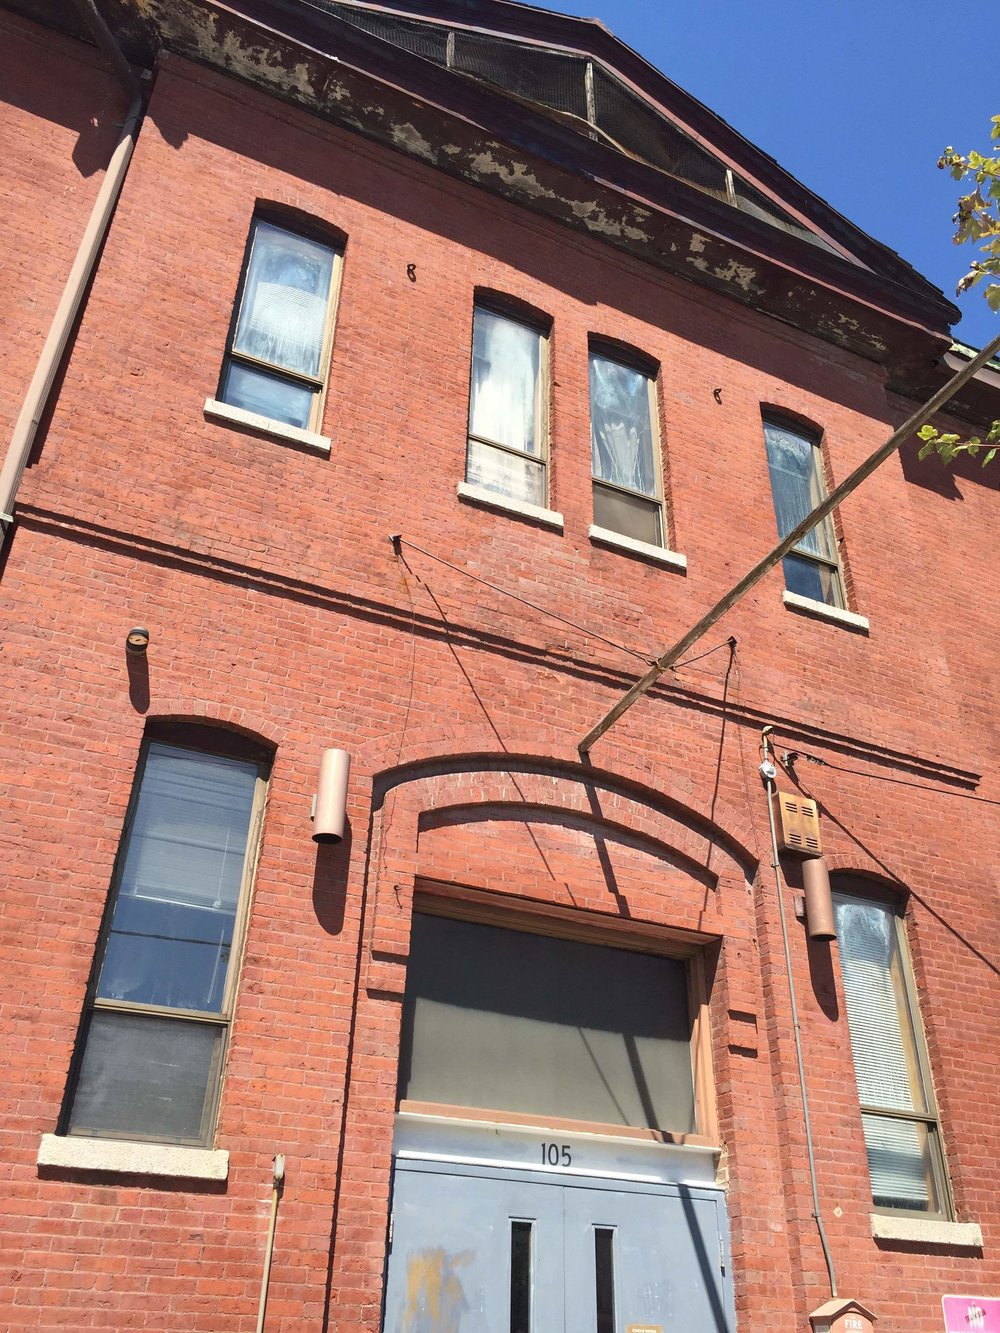 105 Windsor Street, formerly the Boardman School of Cambridge front door entrance